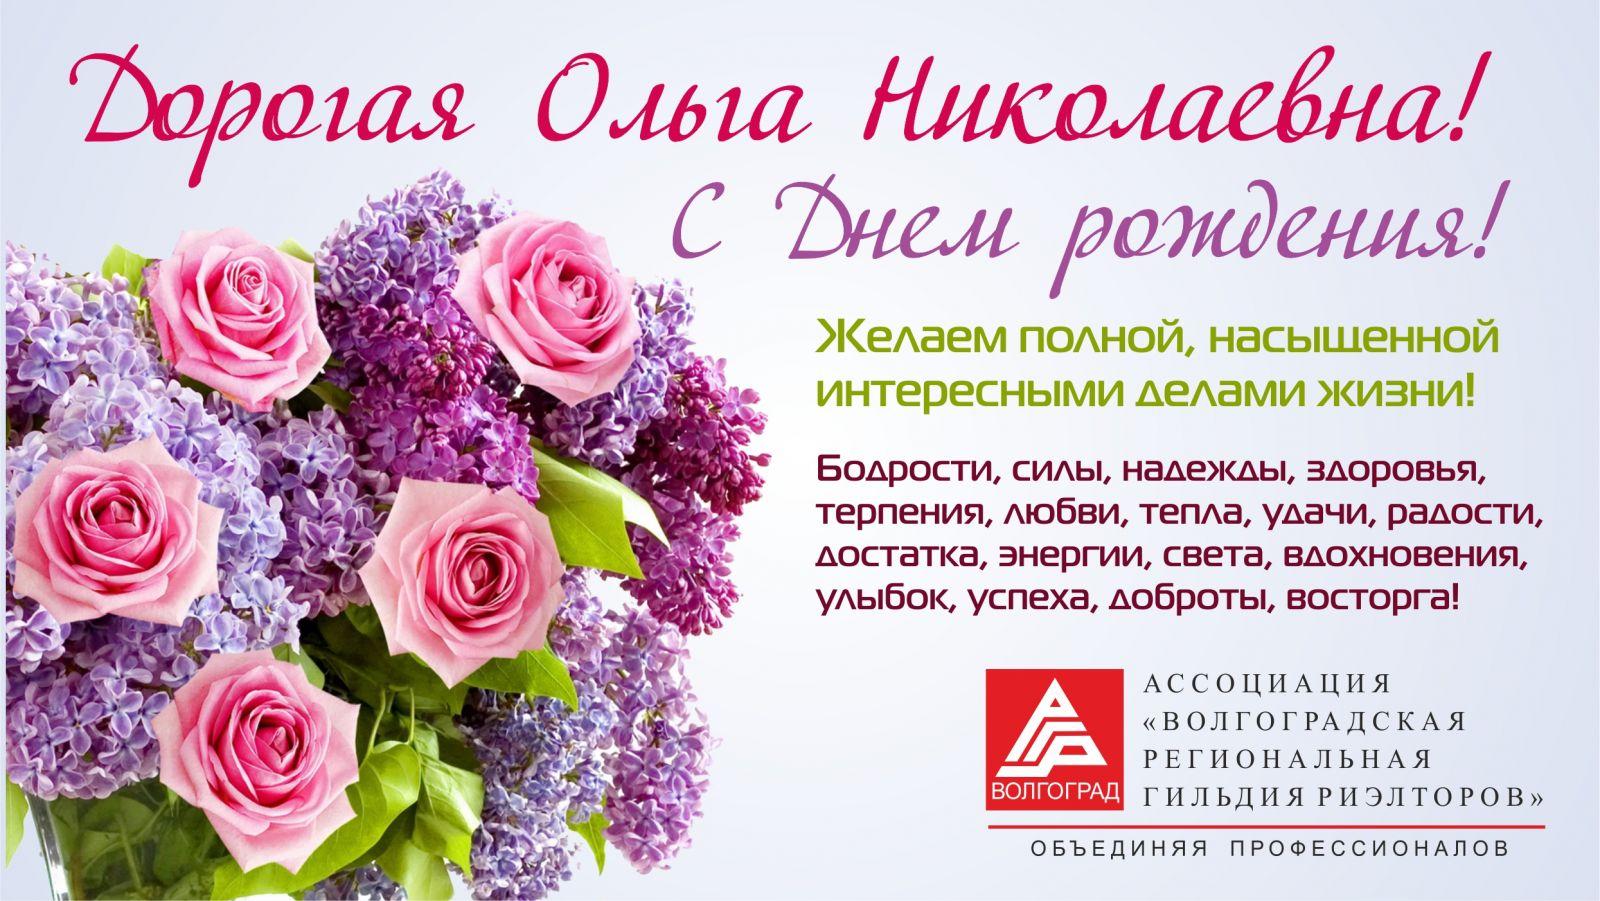 Поздравления для николаевны